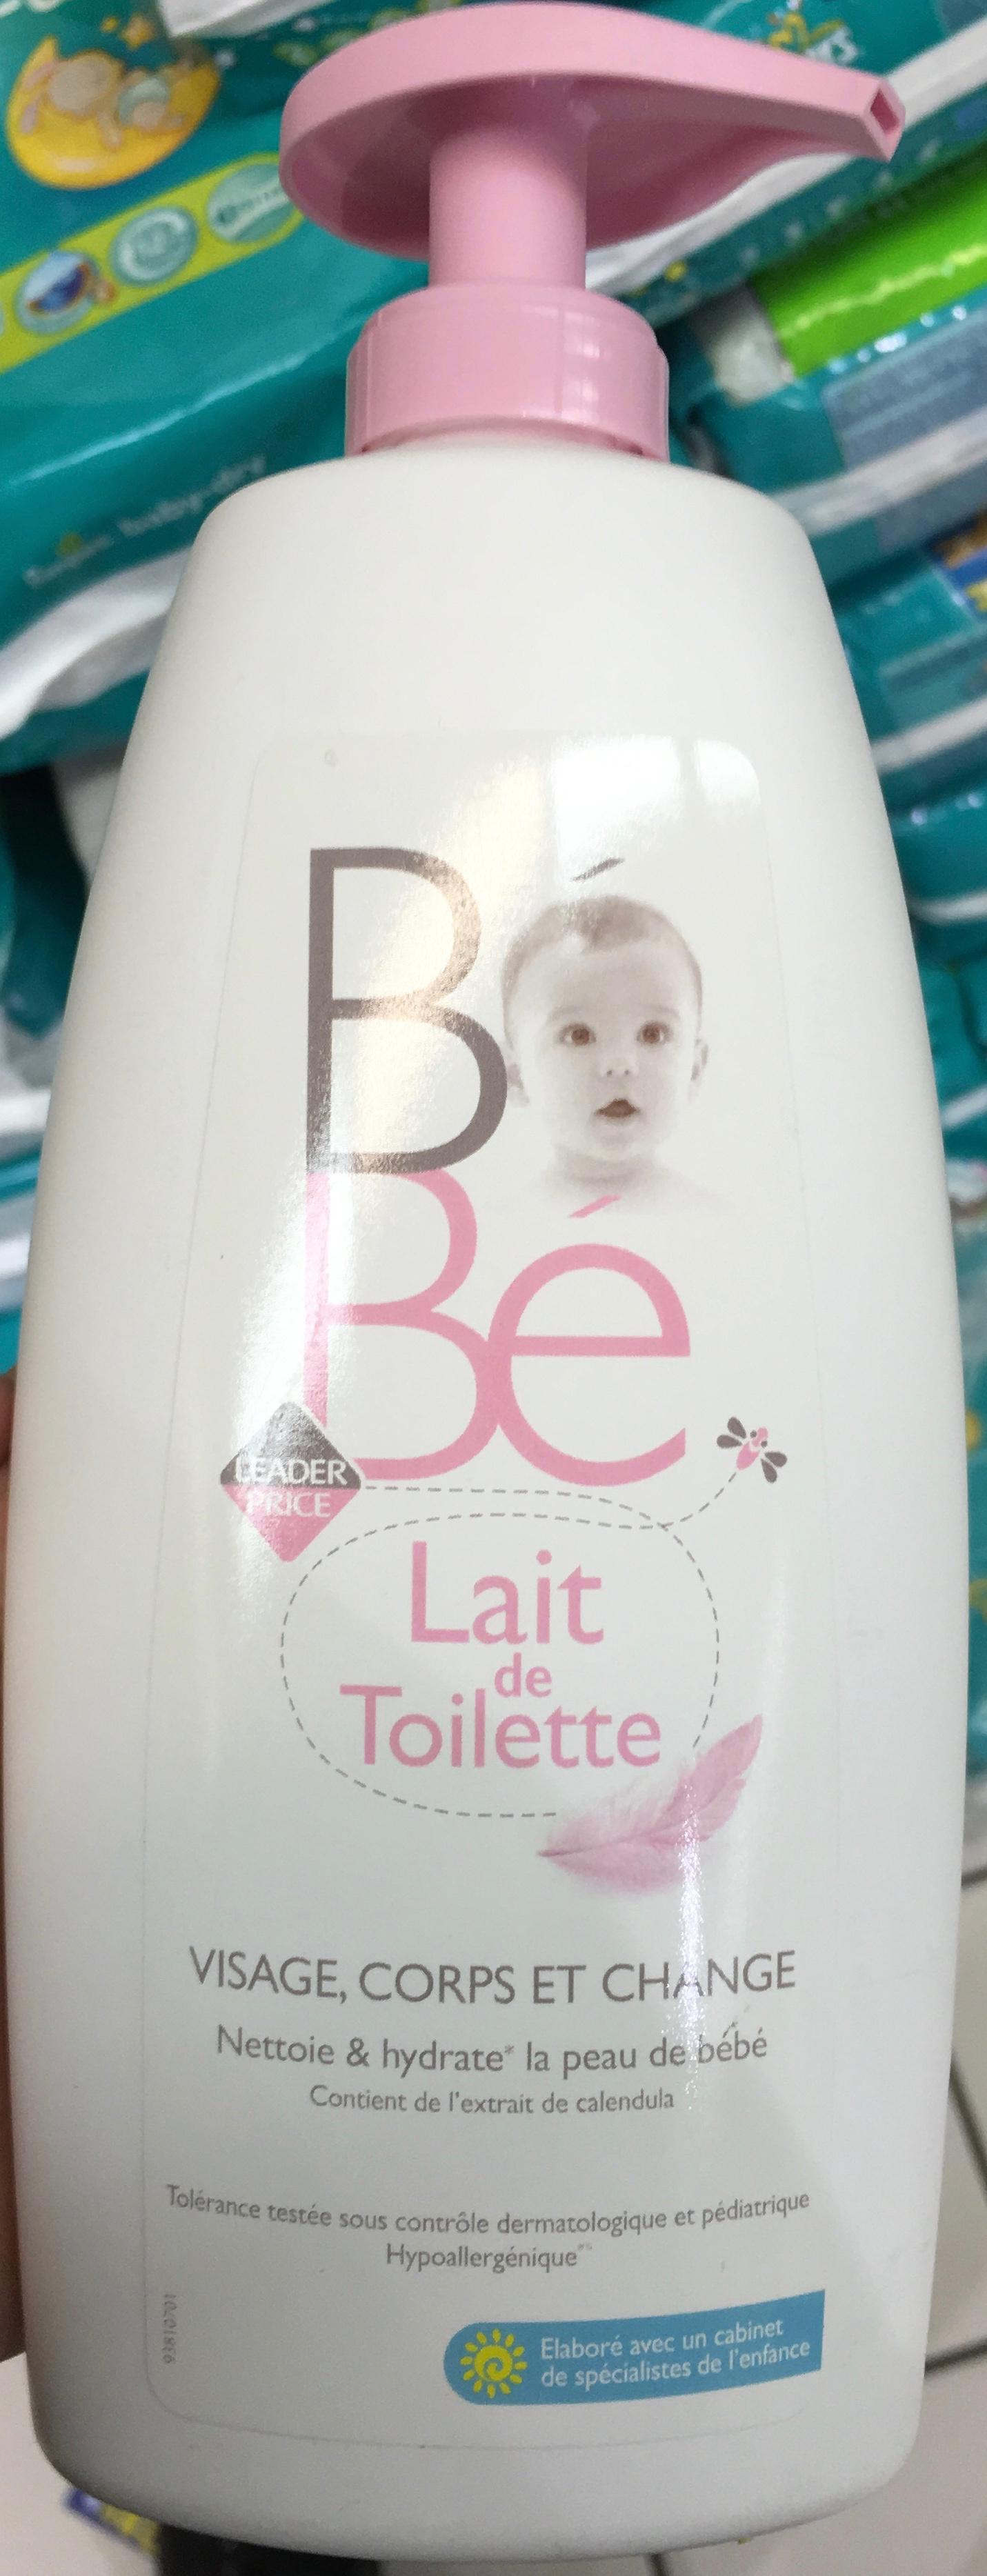 Bébé Lait de Toilette Visage, Corps et Change - Product - fr